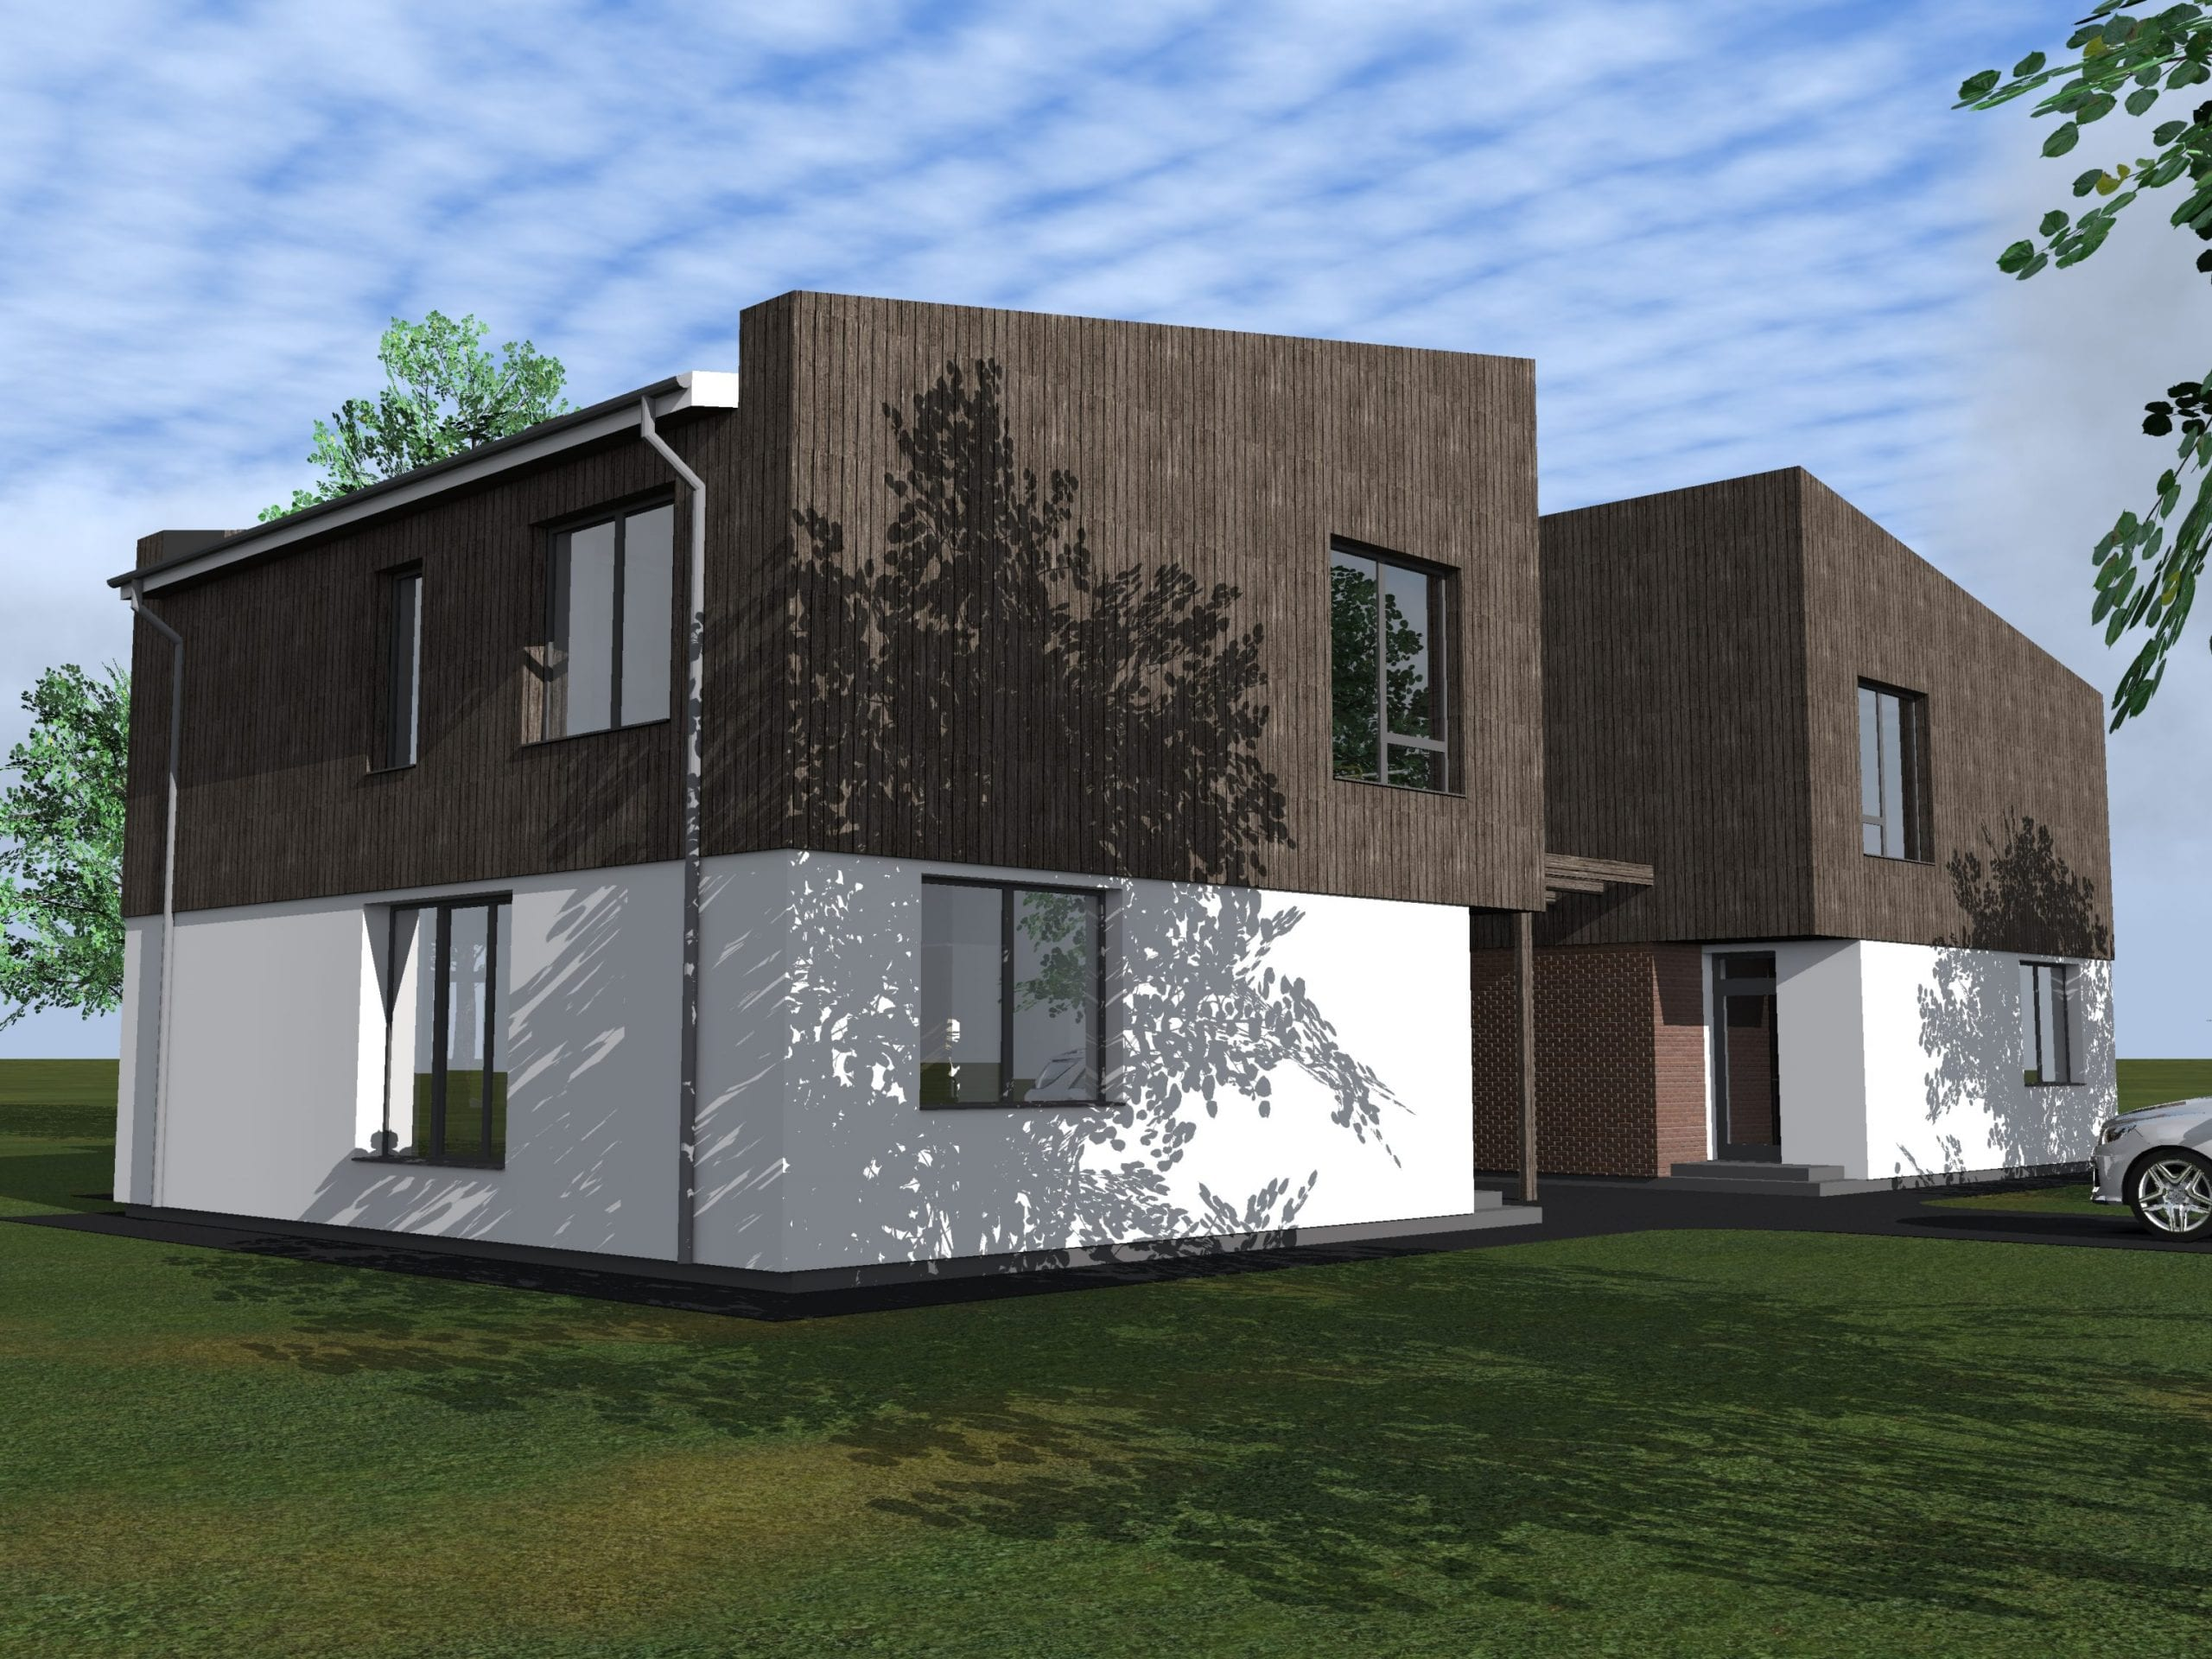 Dvibučio gyvenamojo namo projektas